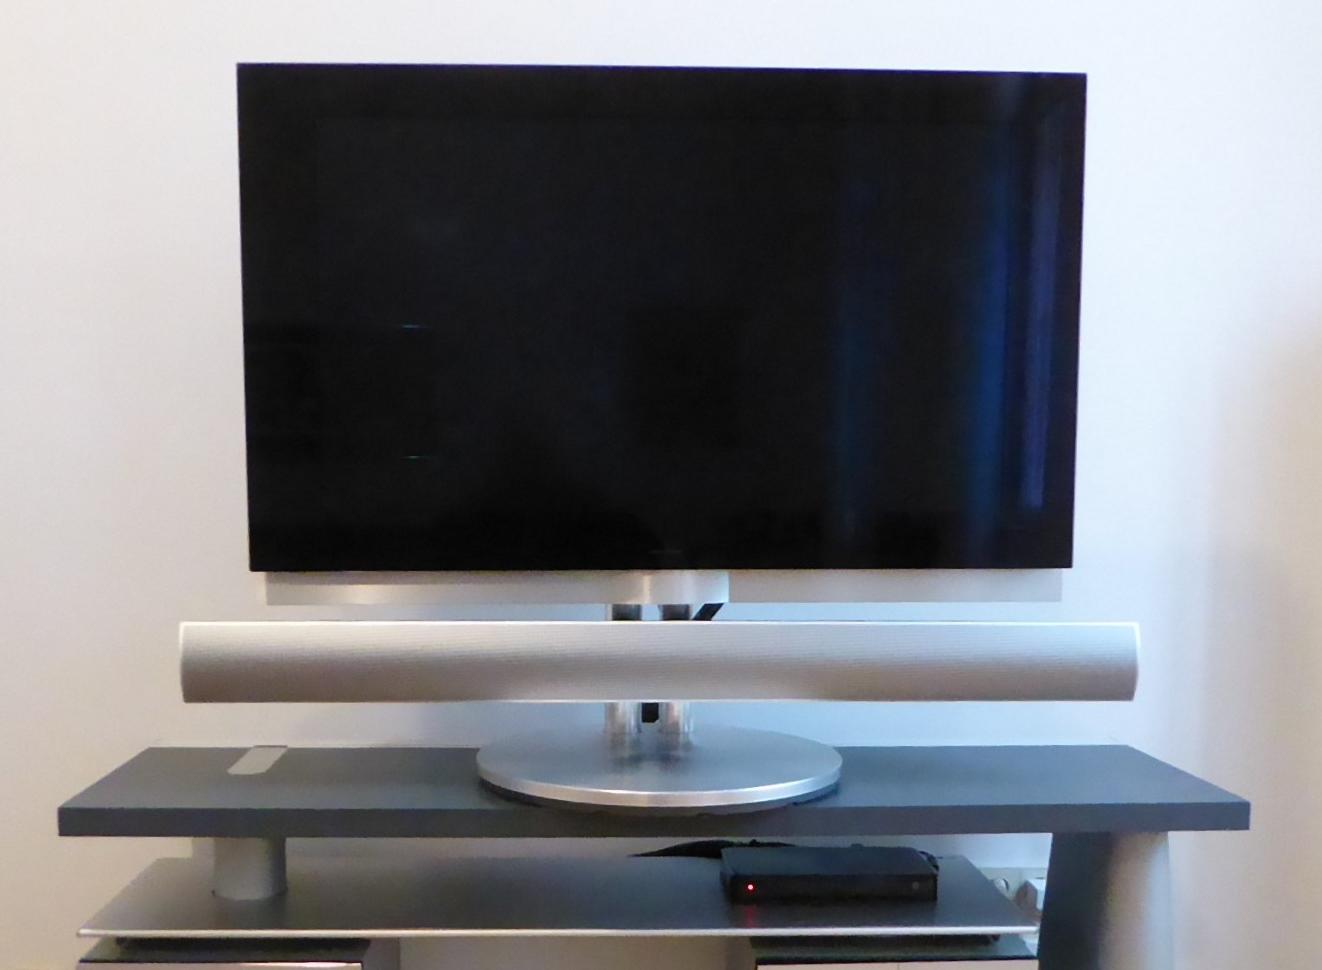 BeoVision 7-40, BeoLink 7.2 + Fuß Image